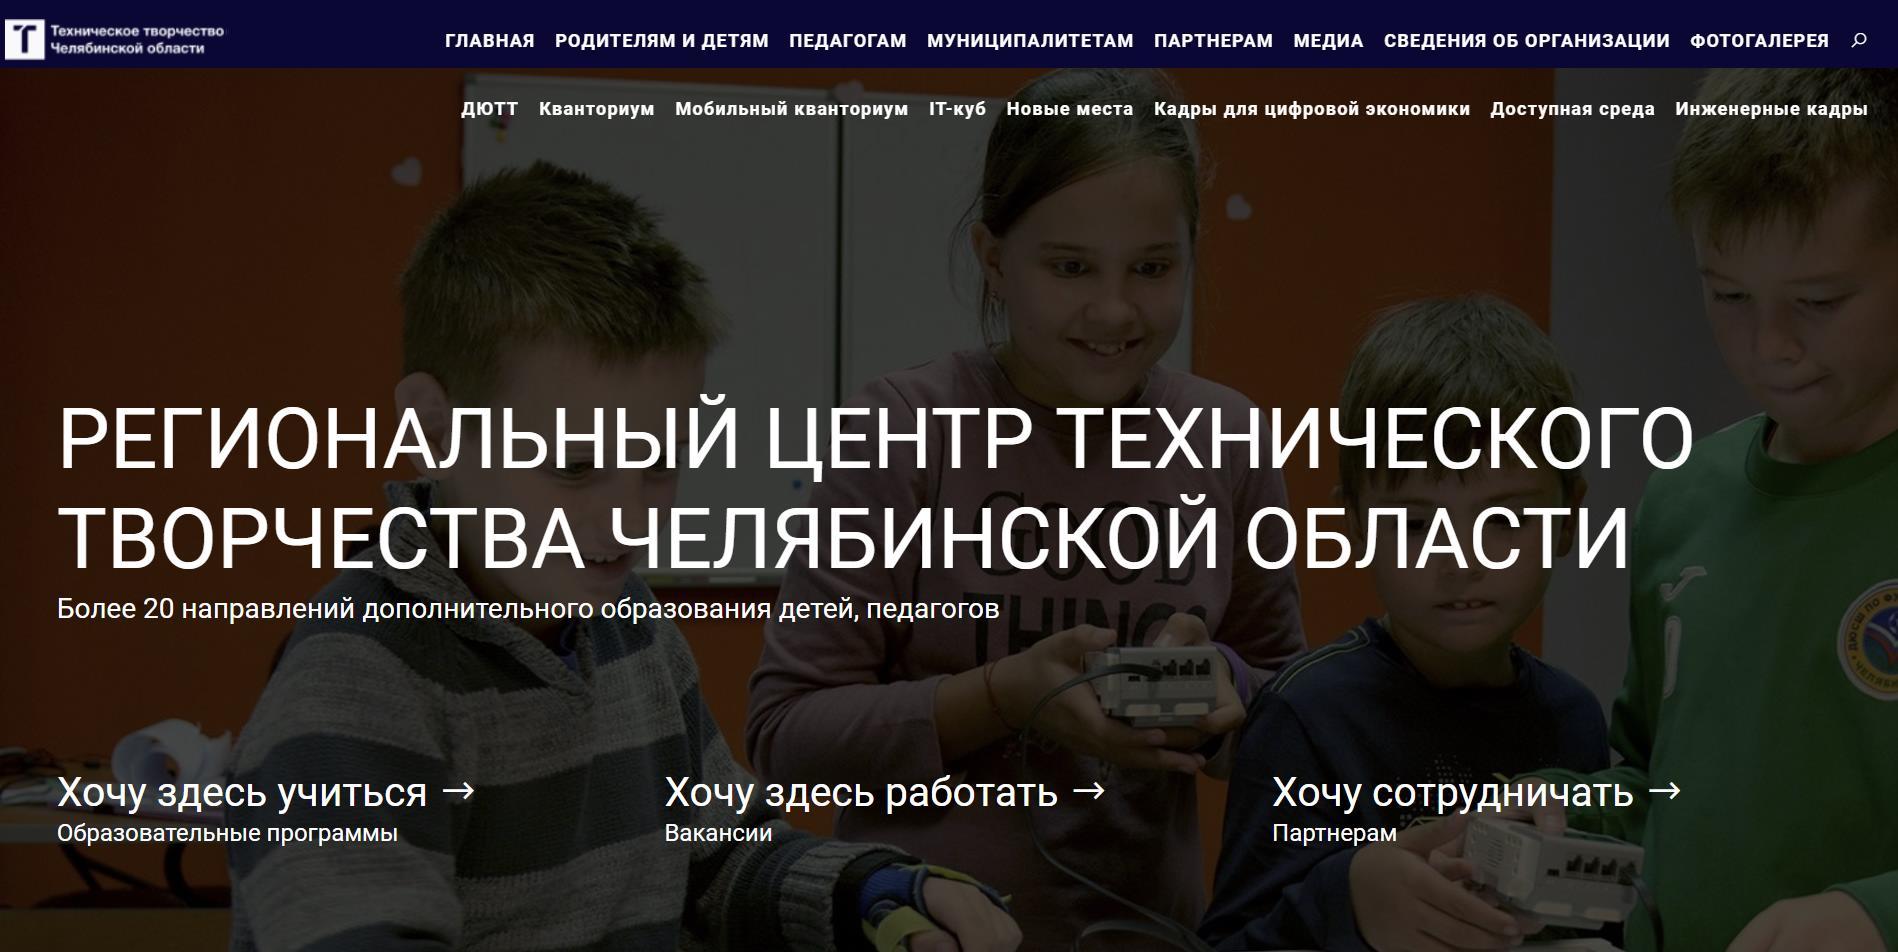 Сайт региональный центр технического творчества